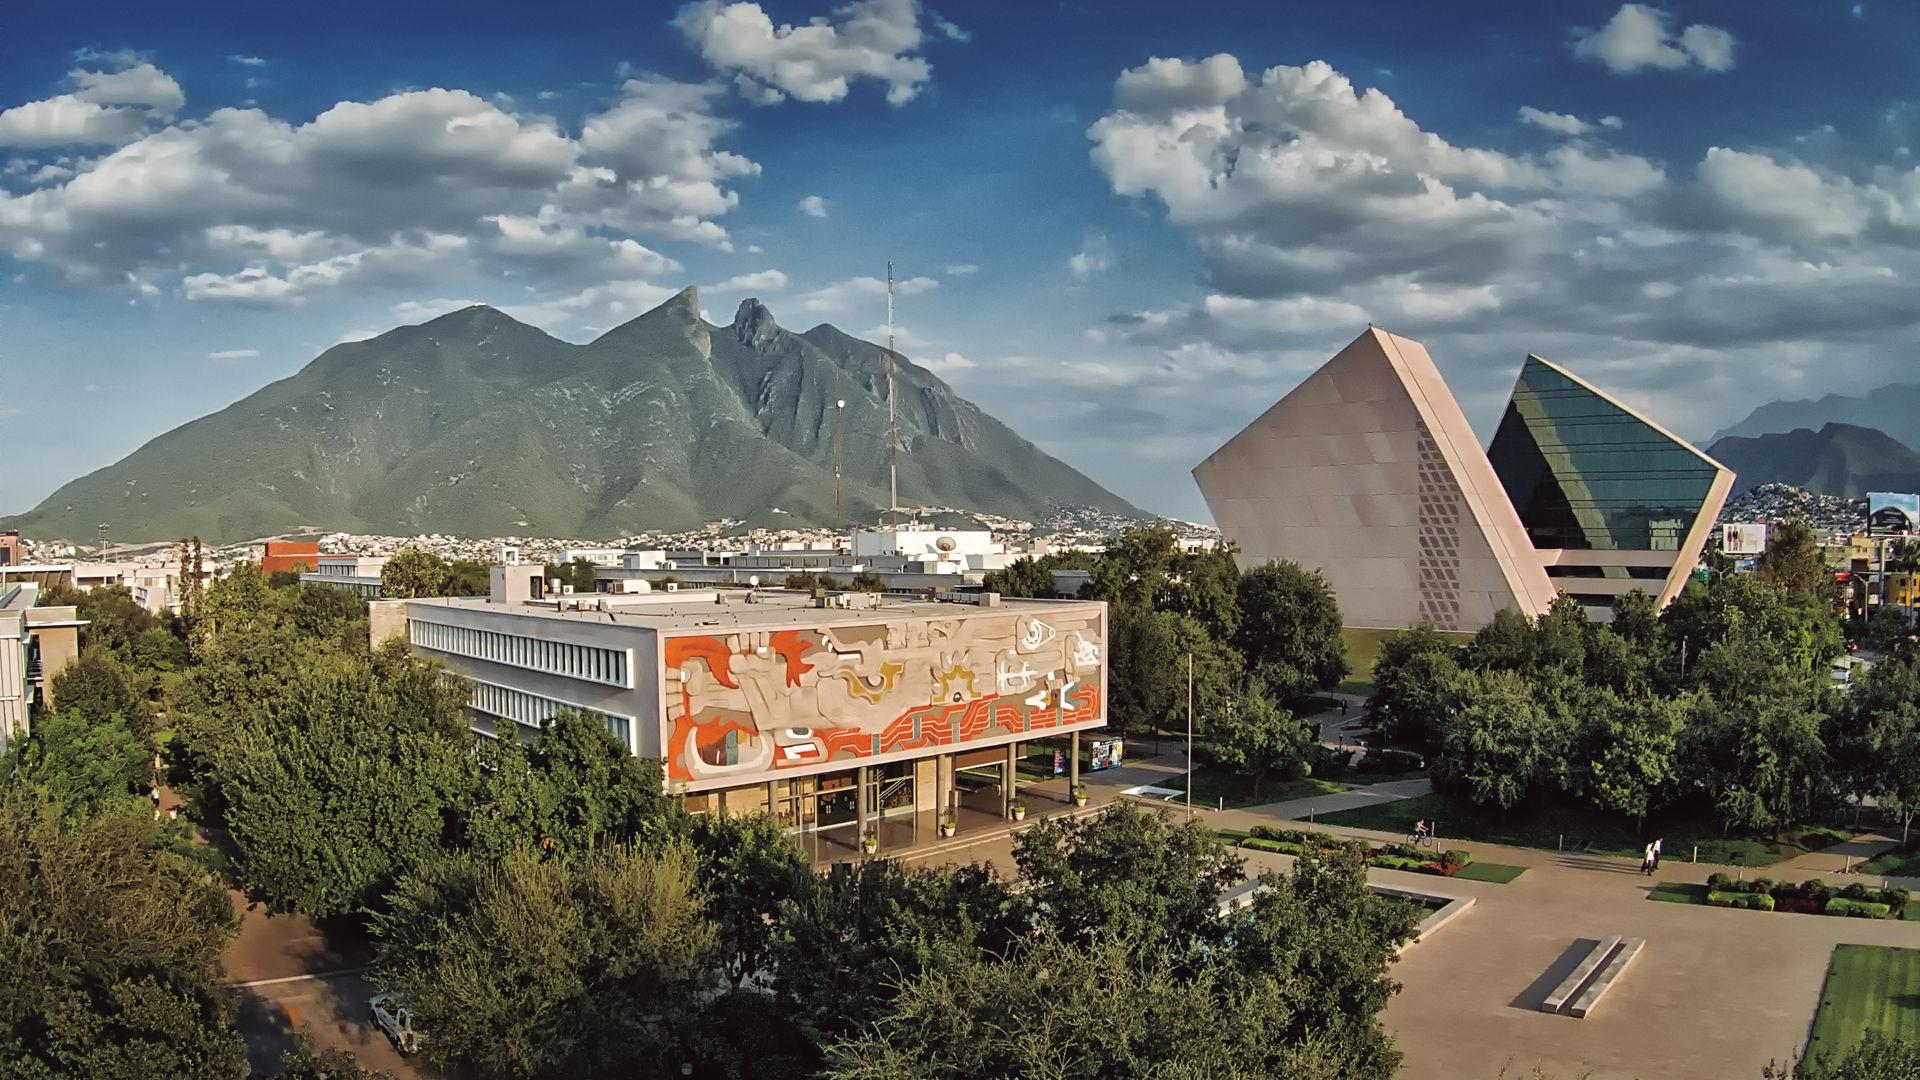 Vista panorámica de la ciudad de Monterrey en Nuevo León